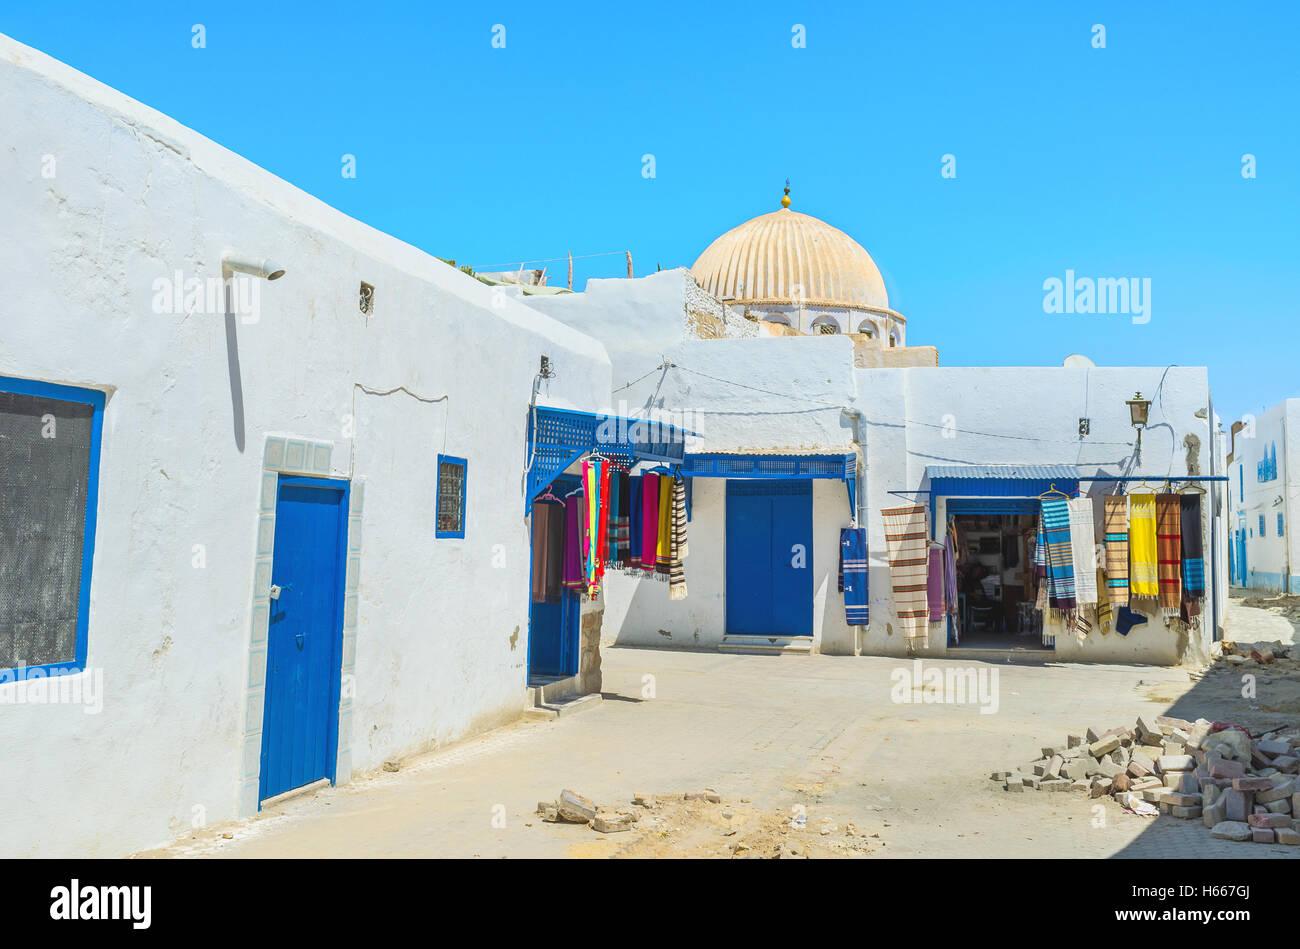 El barrio histórico con numerosos talleres de tejido y ropajes, Kairouan, Túnez. Imagen De Stock